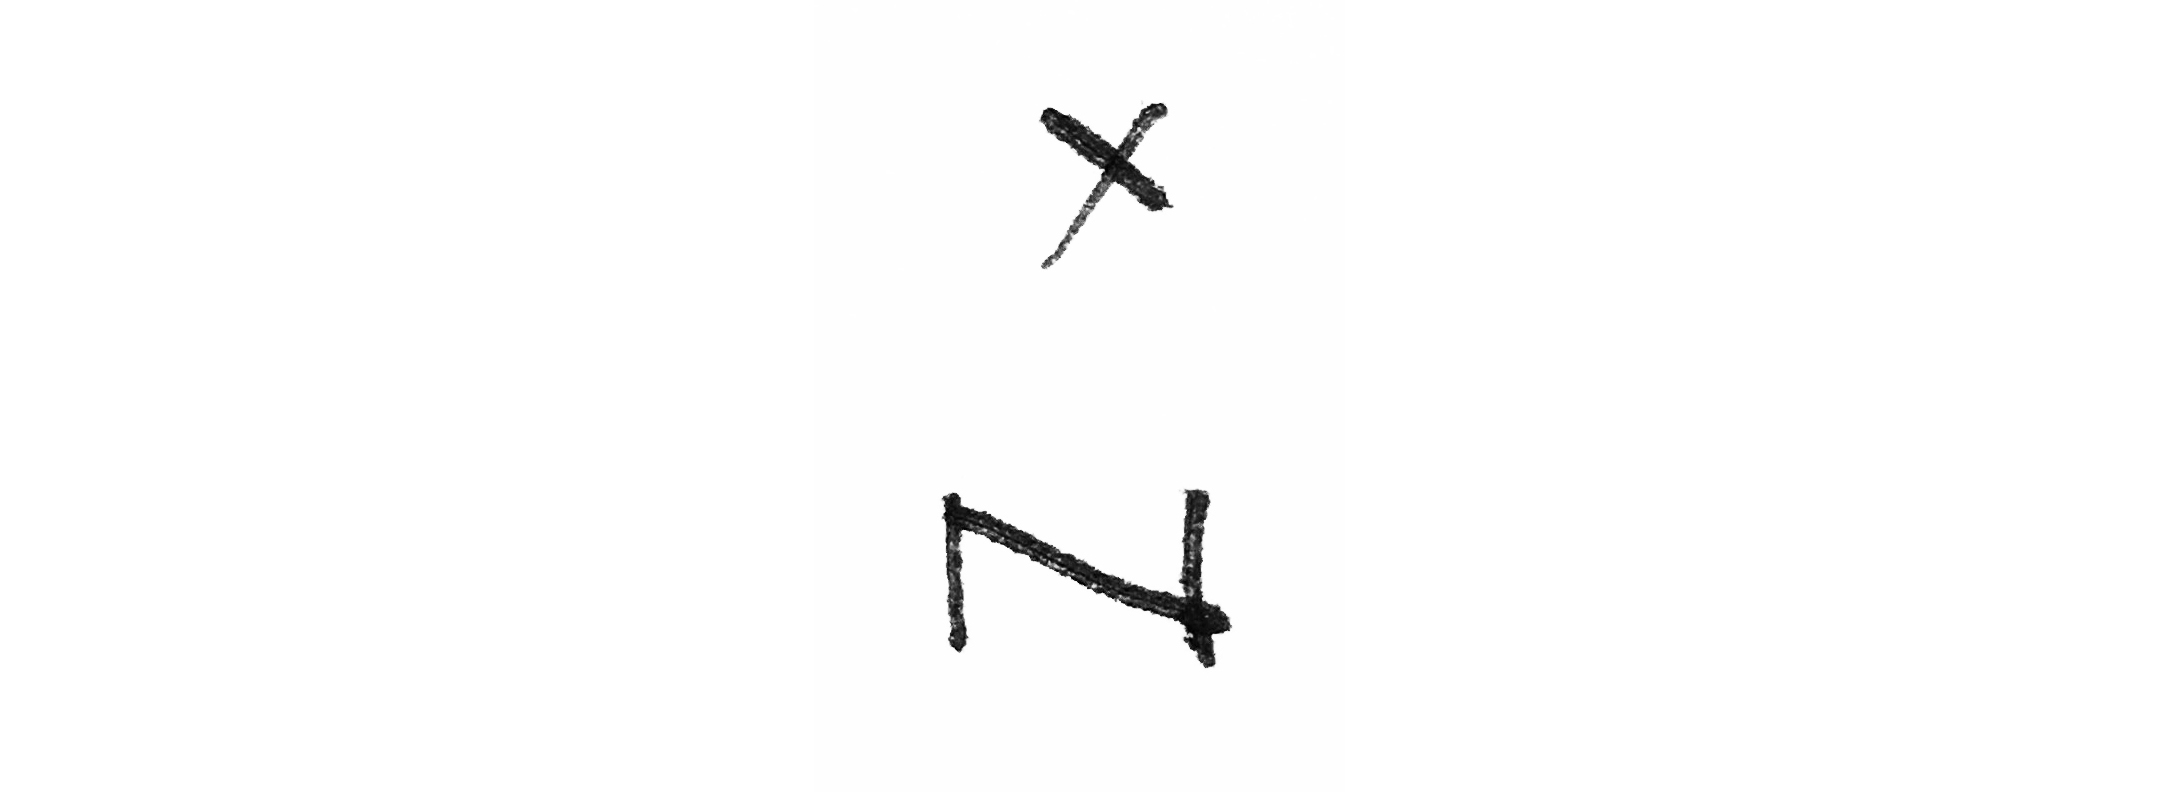 x n.jpeg